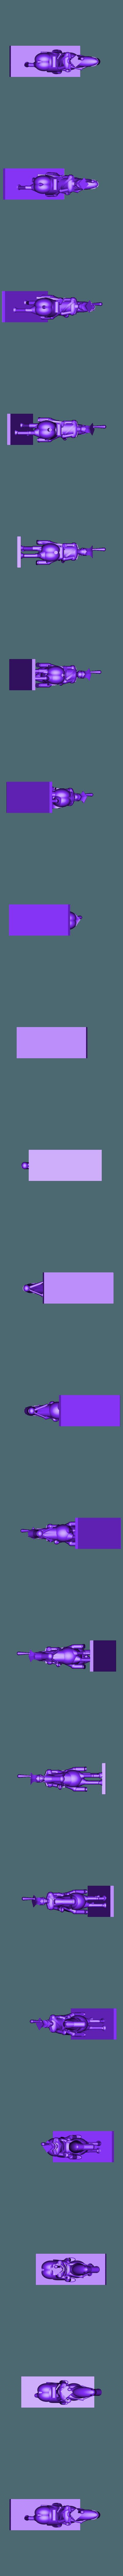 r_uhlan2_1.stl Télécharger fichier STL gratuit Napoléonien - Partie 7b - Uhlans • Modèle imprimable en 3D, Earsling